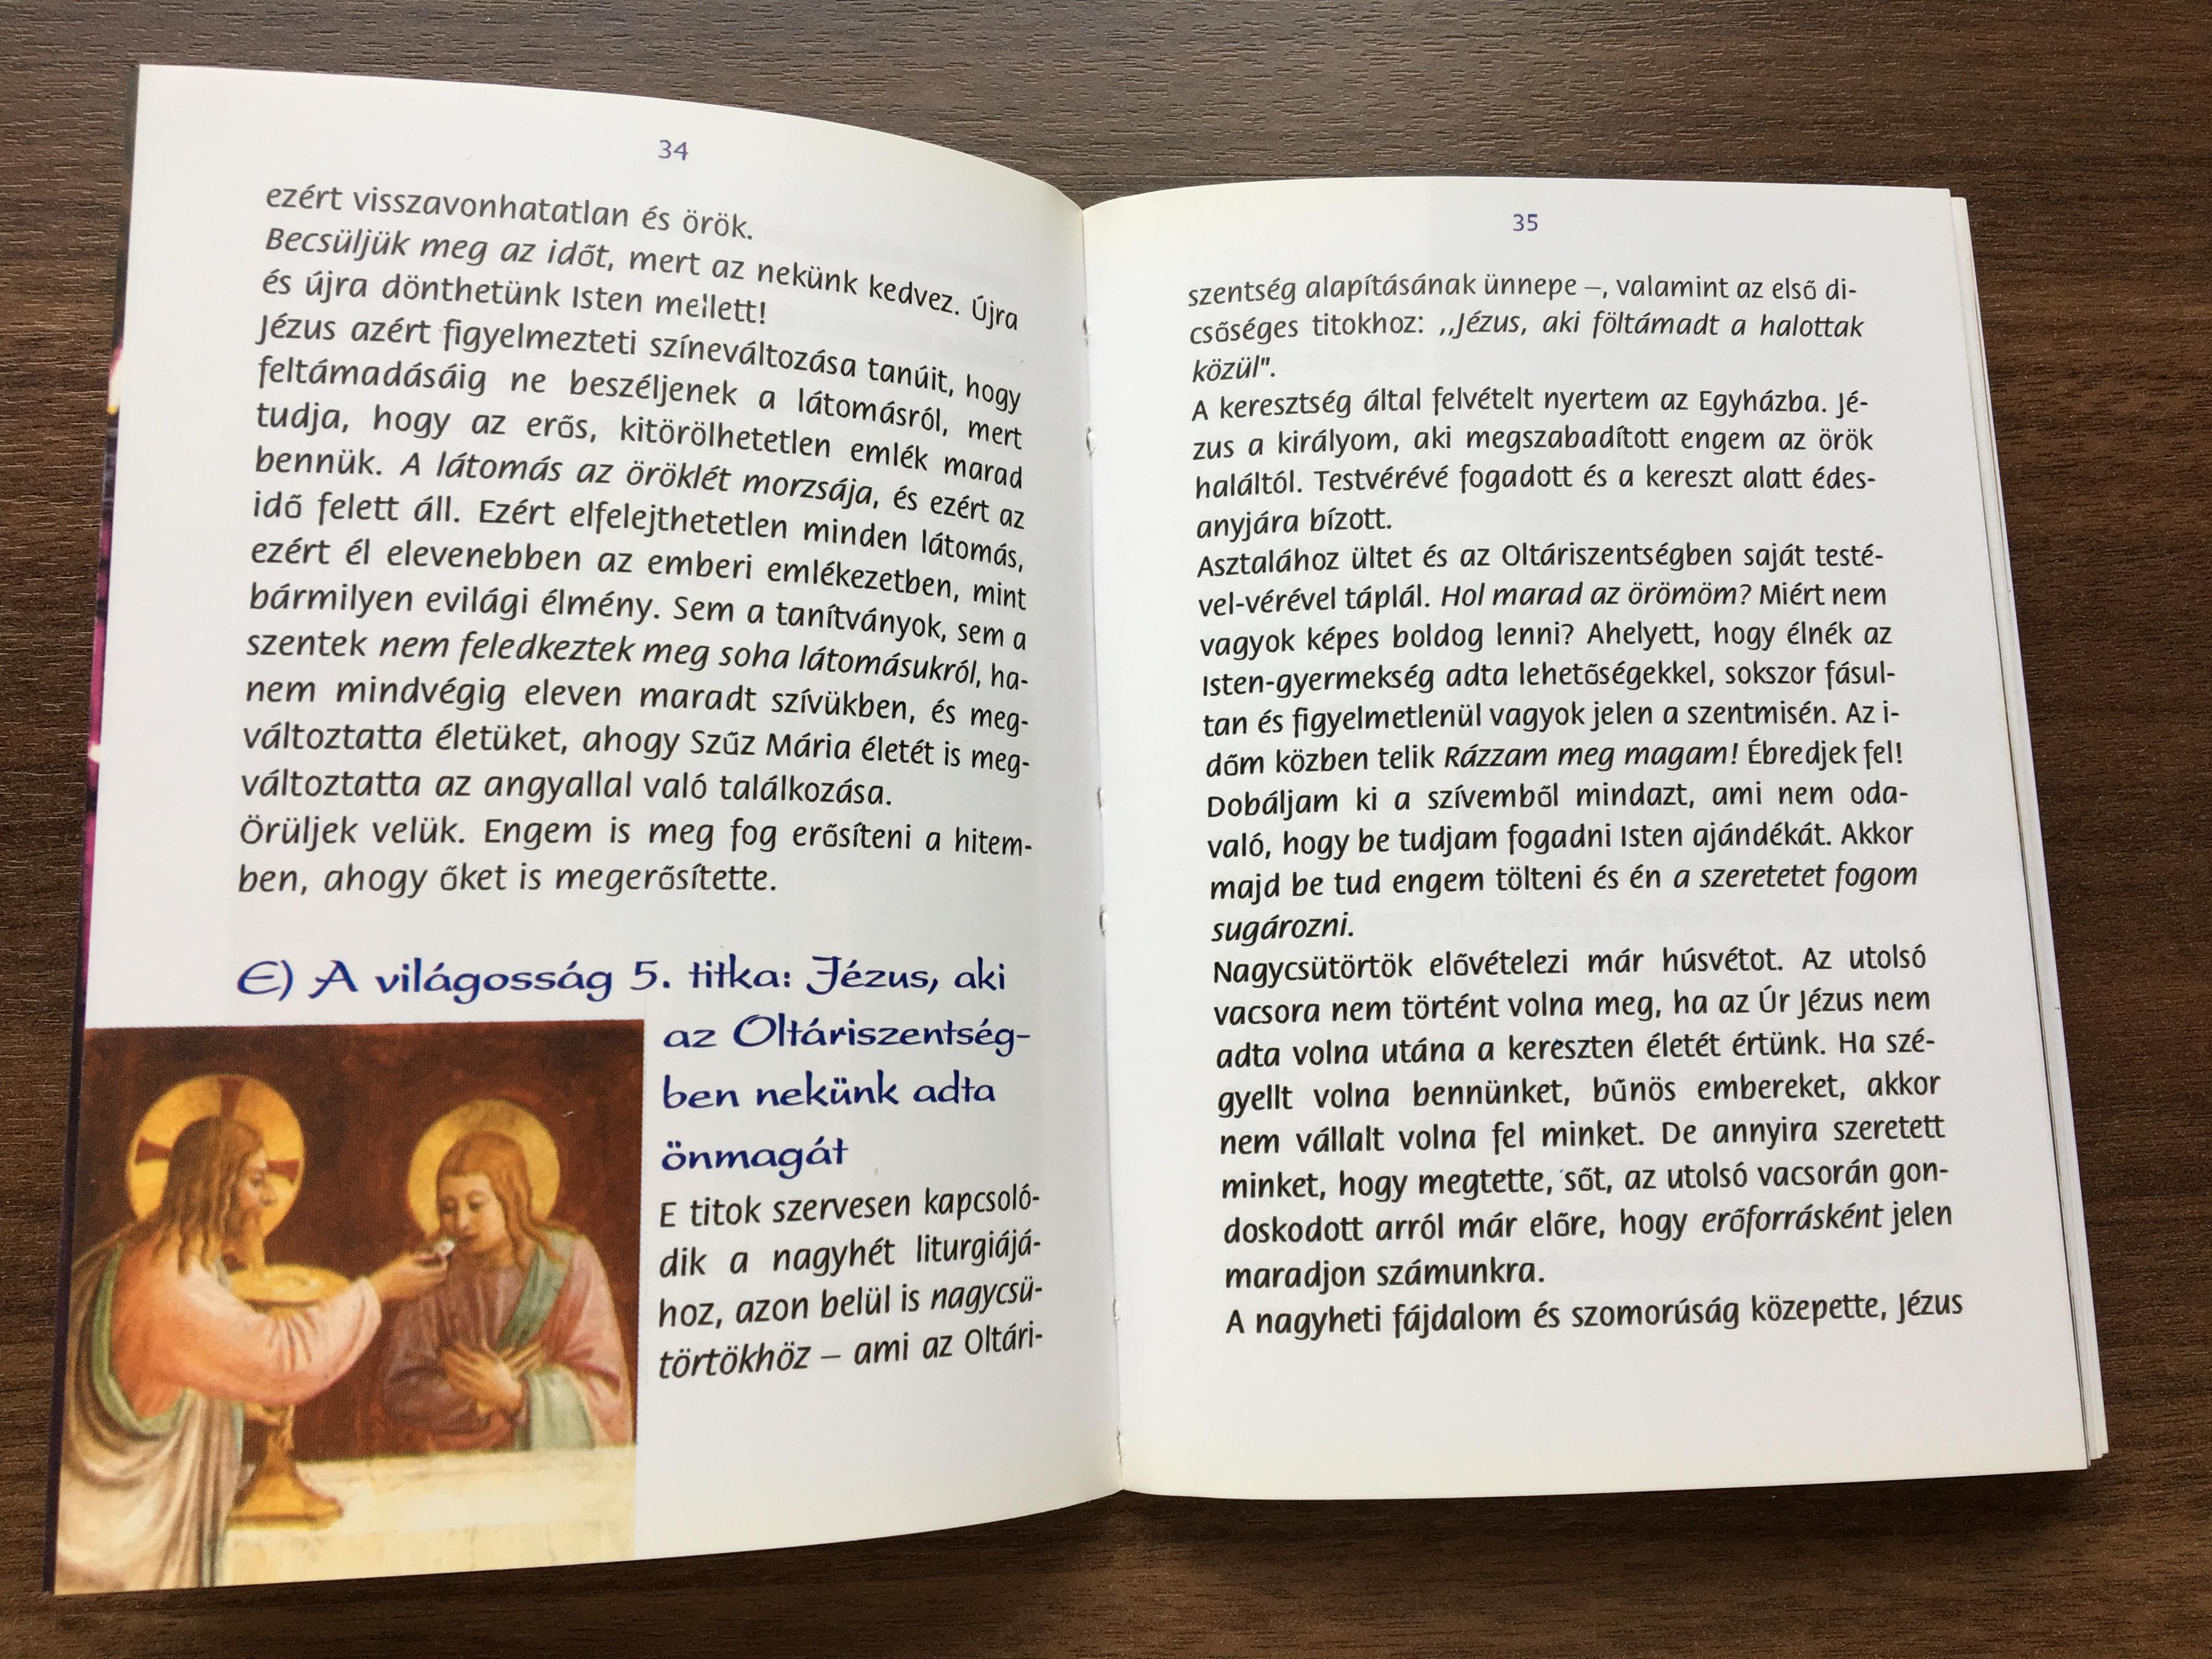 nézz egy könyvet a látomásról)